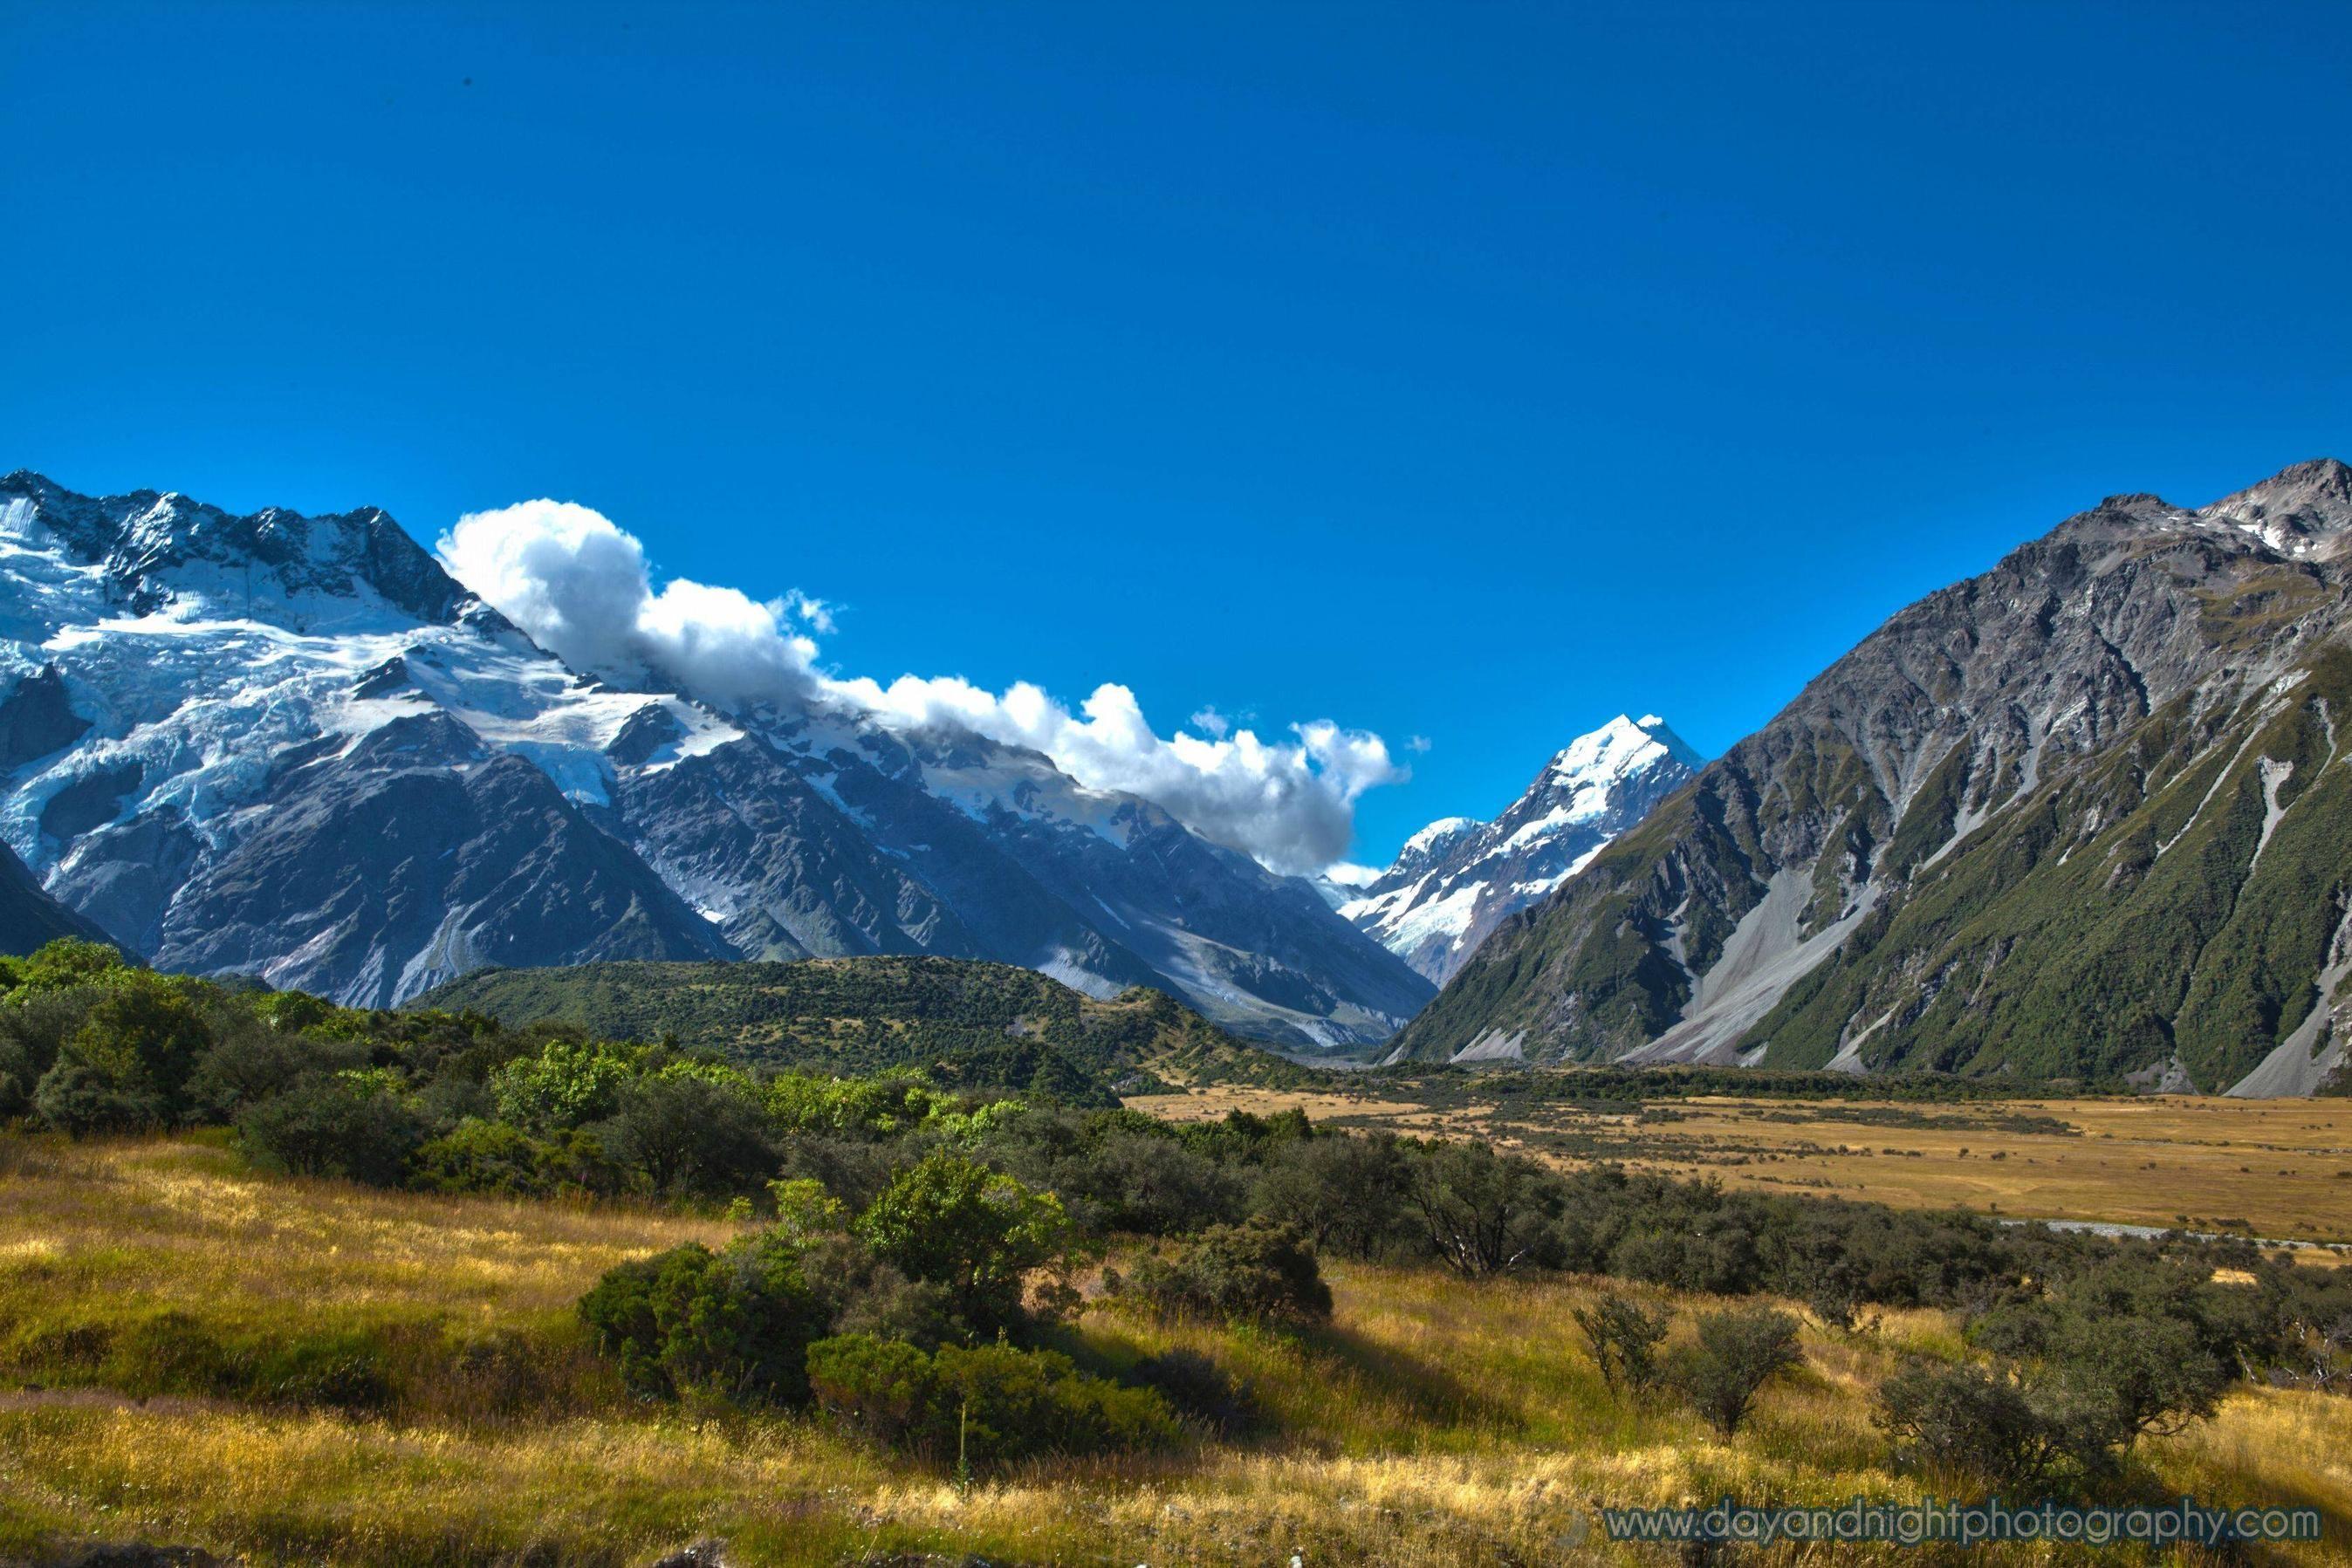 Mt. Cook, New Zealand